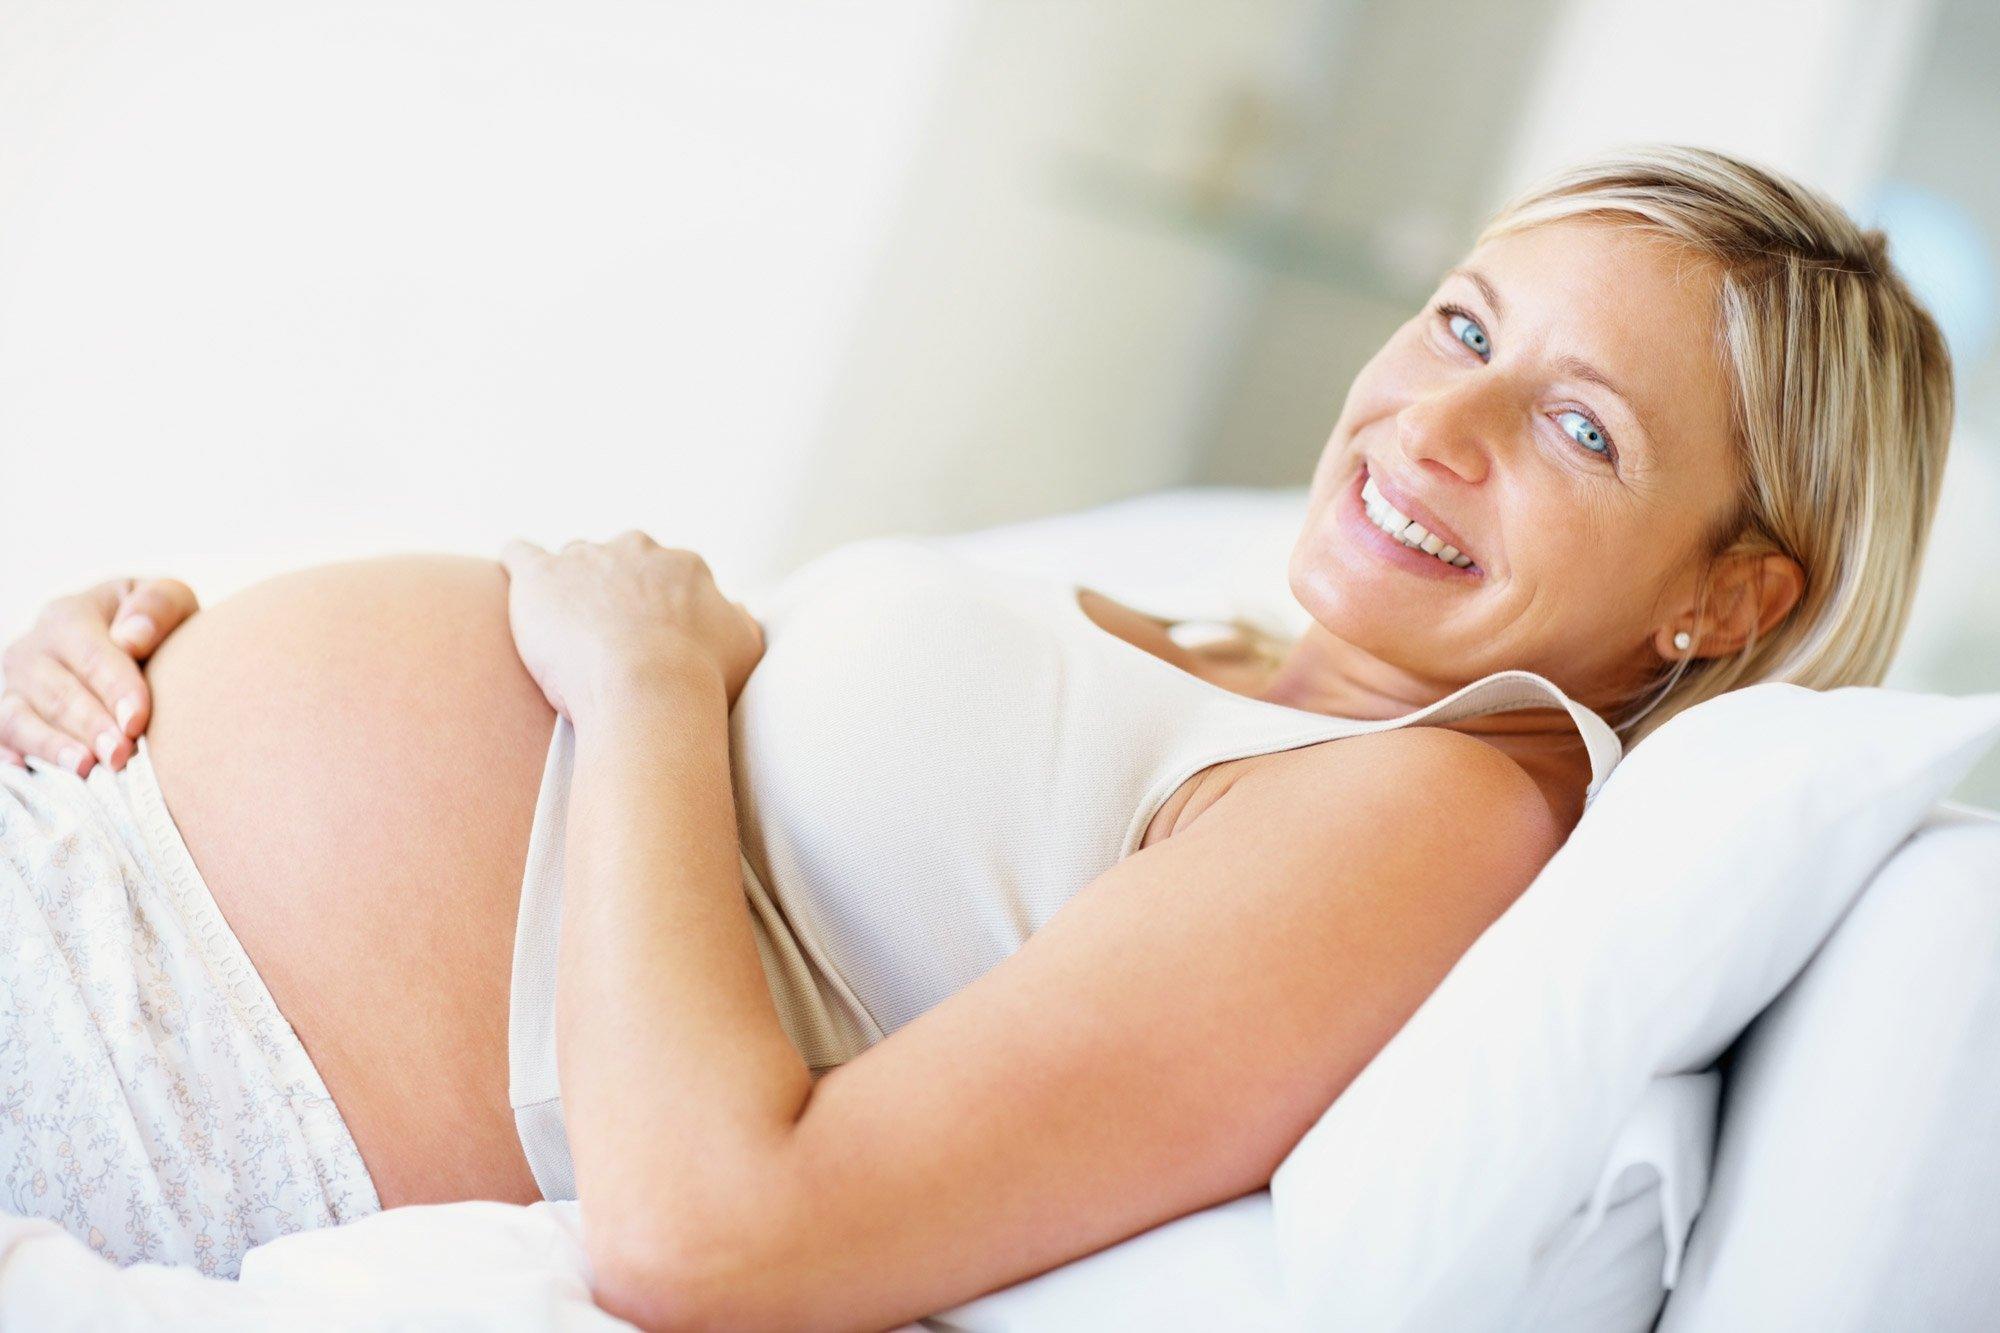 Смотреть бесплатно беременные в возрасте 21 фотография